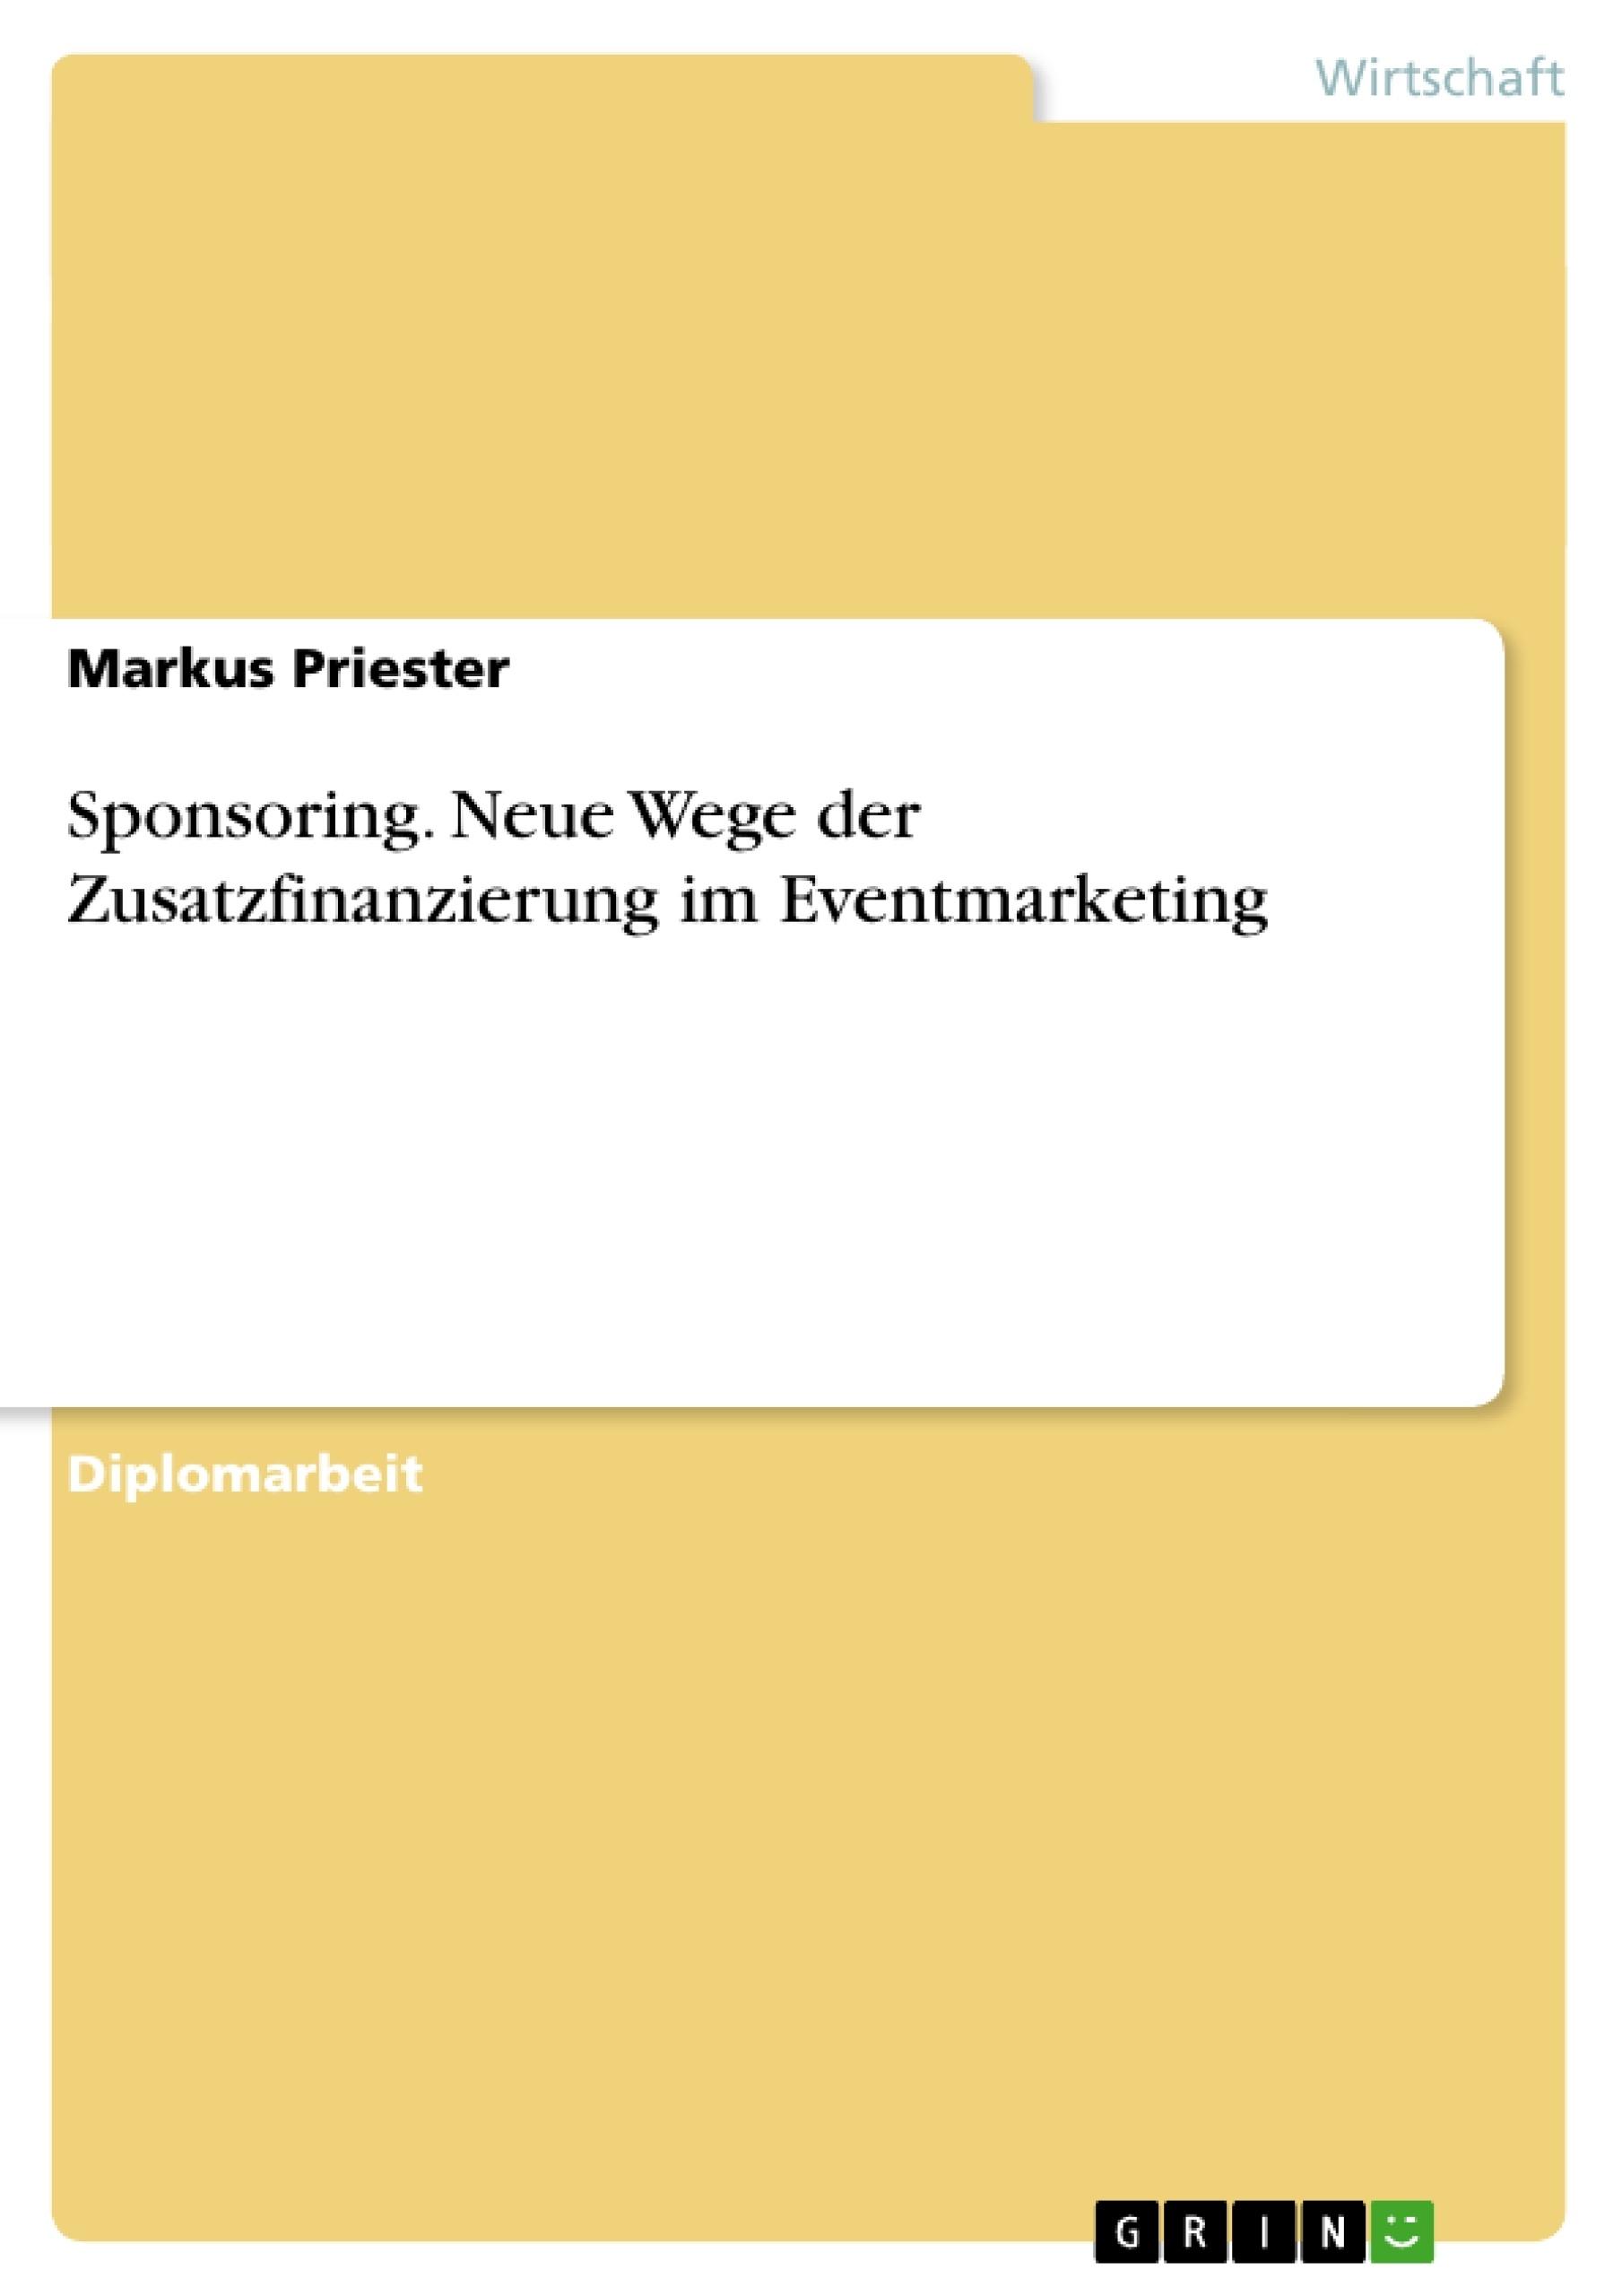 Titel: Sponsoring. Neue Wege der Zusatzfinanzierung im Eventmarketing